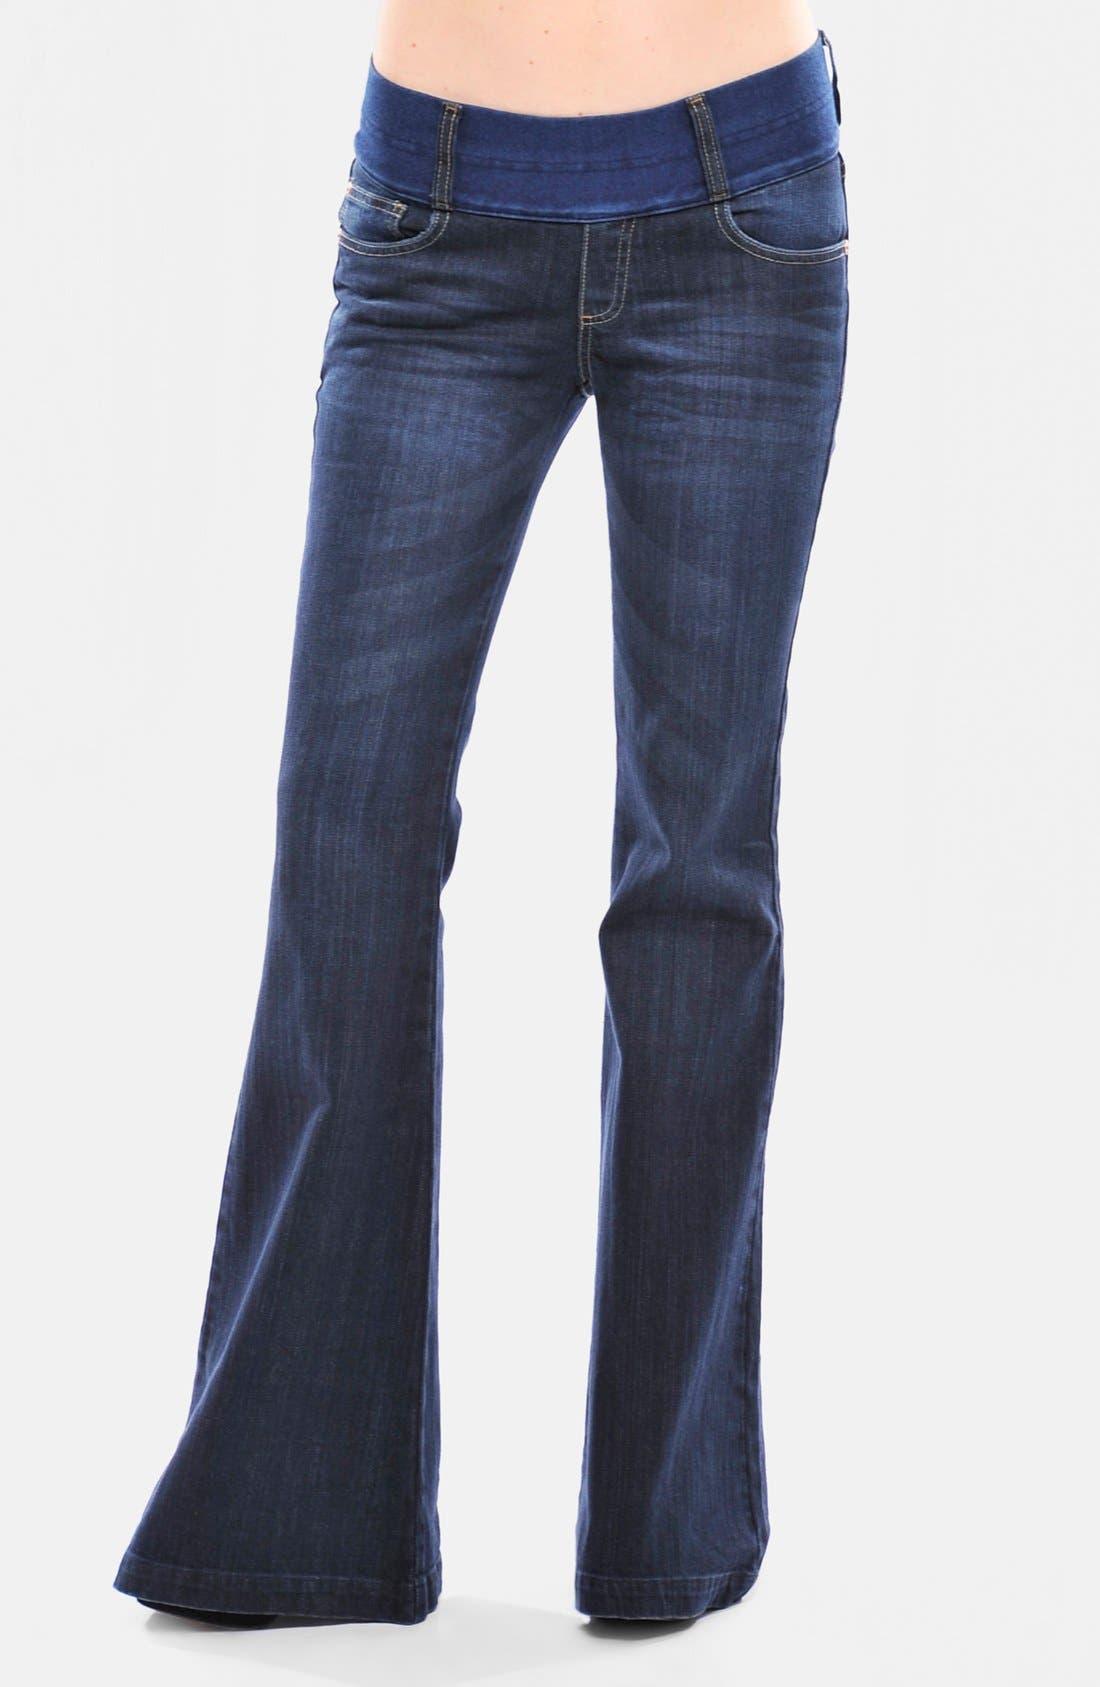 Main Image - Olian Flare Maternity Jeans